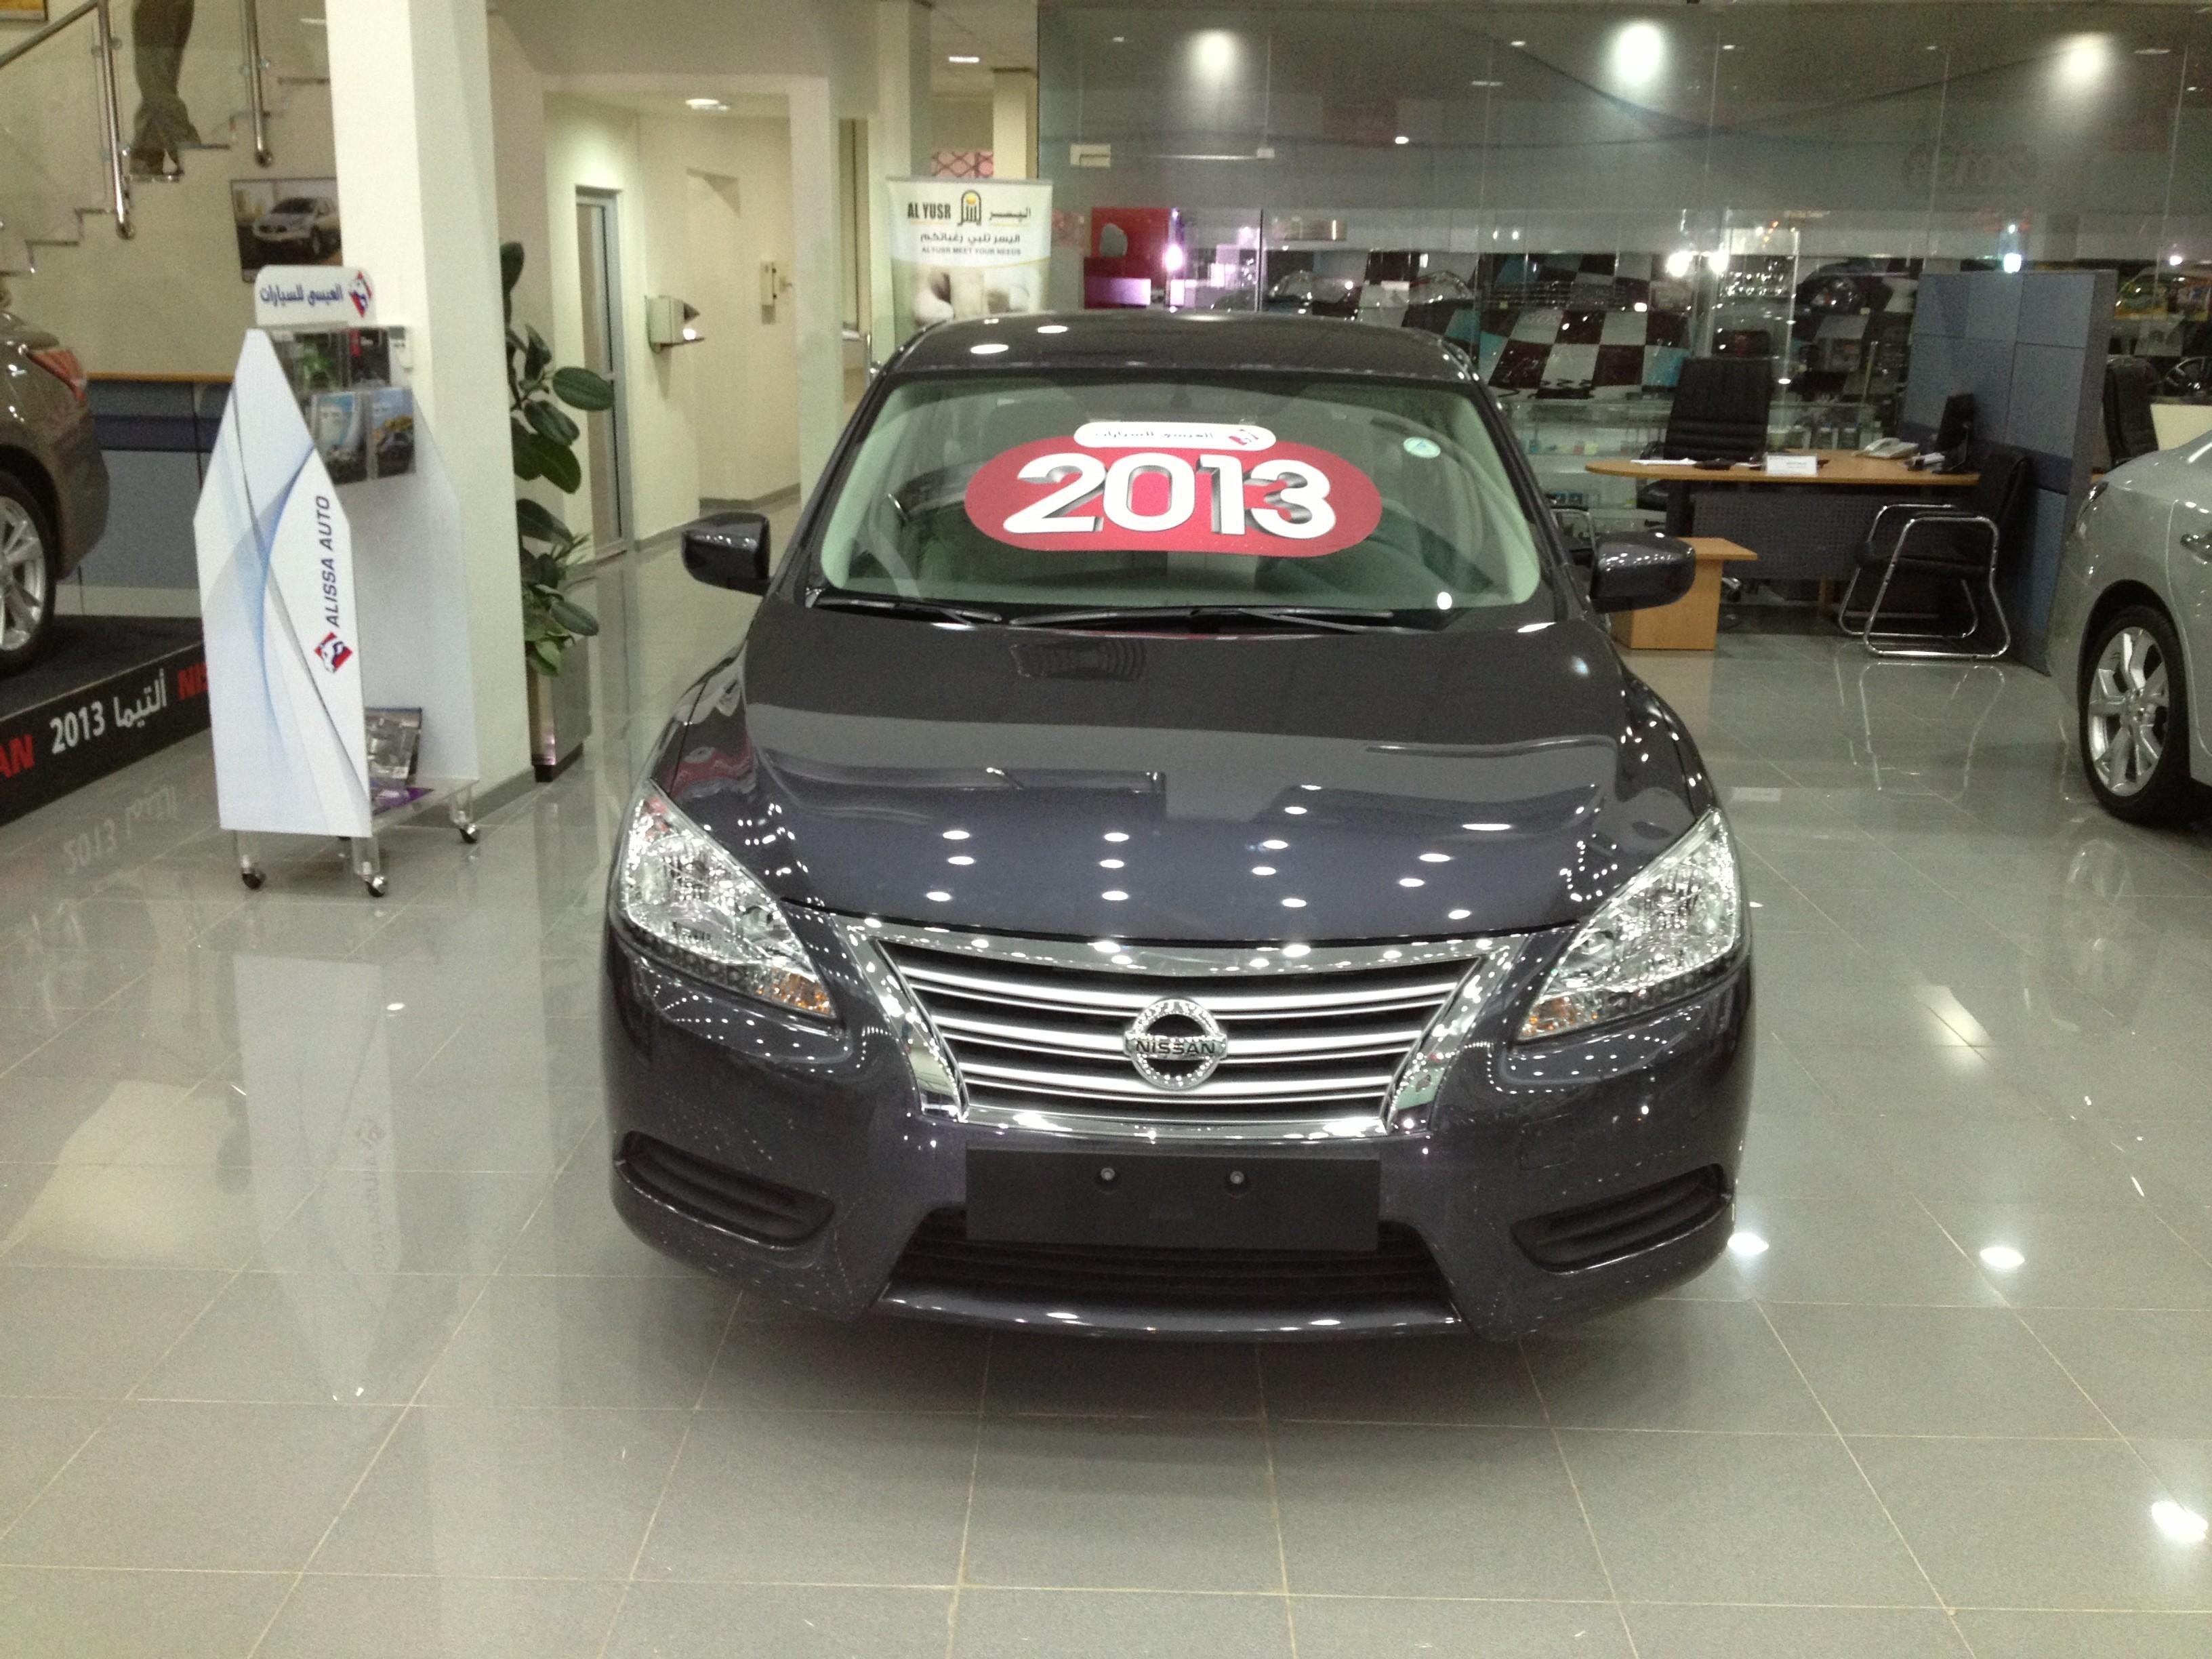 الكشف عن نيسان سنترا 2013 الجديدة كلياً في السعودية بالاسعار والمواصفات والصور Nissan Sentra